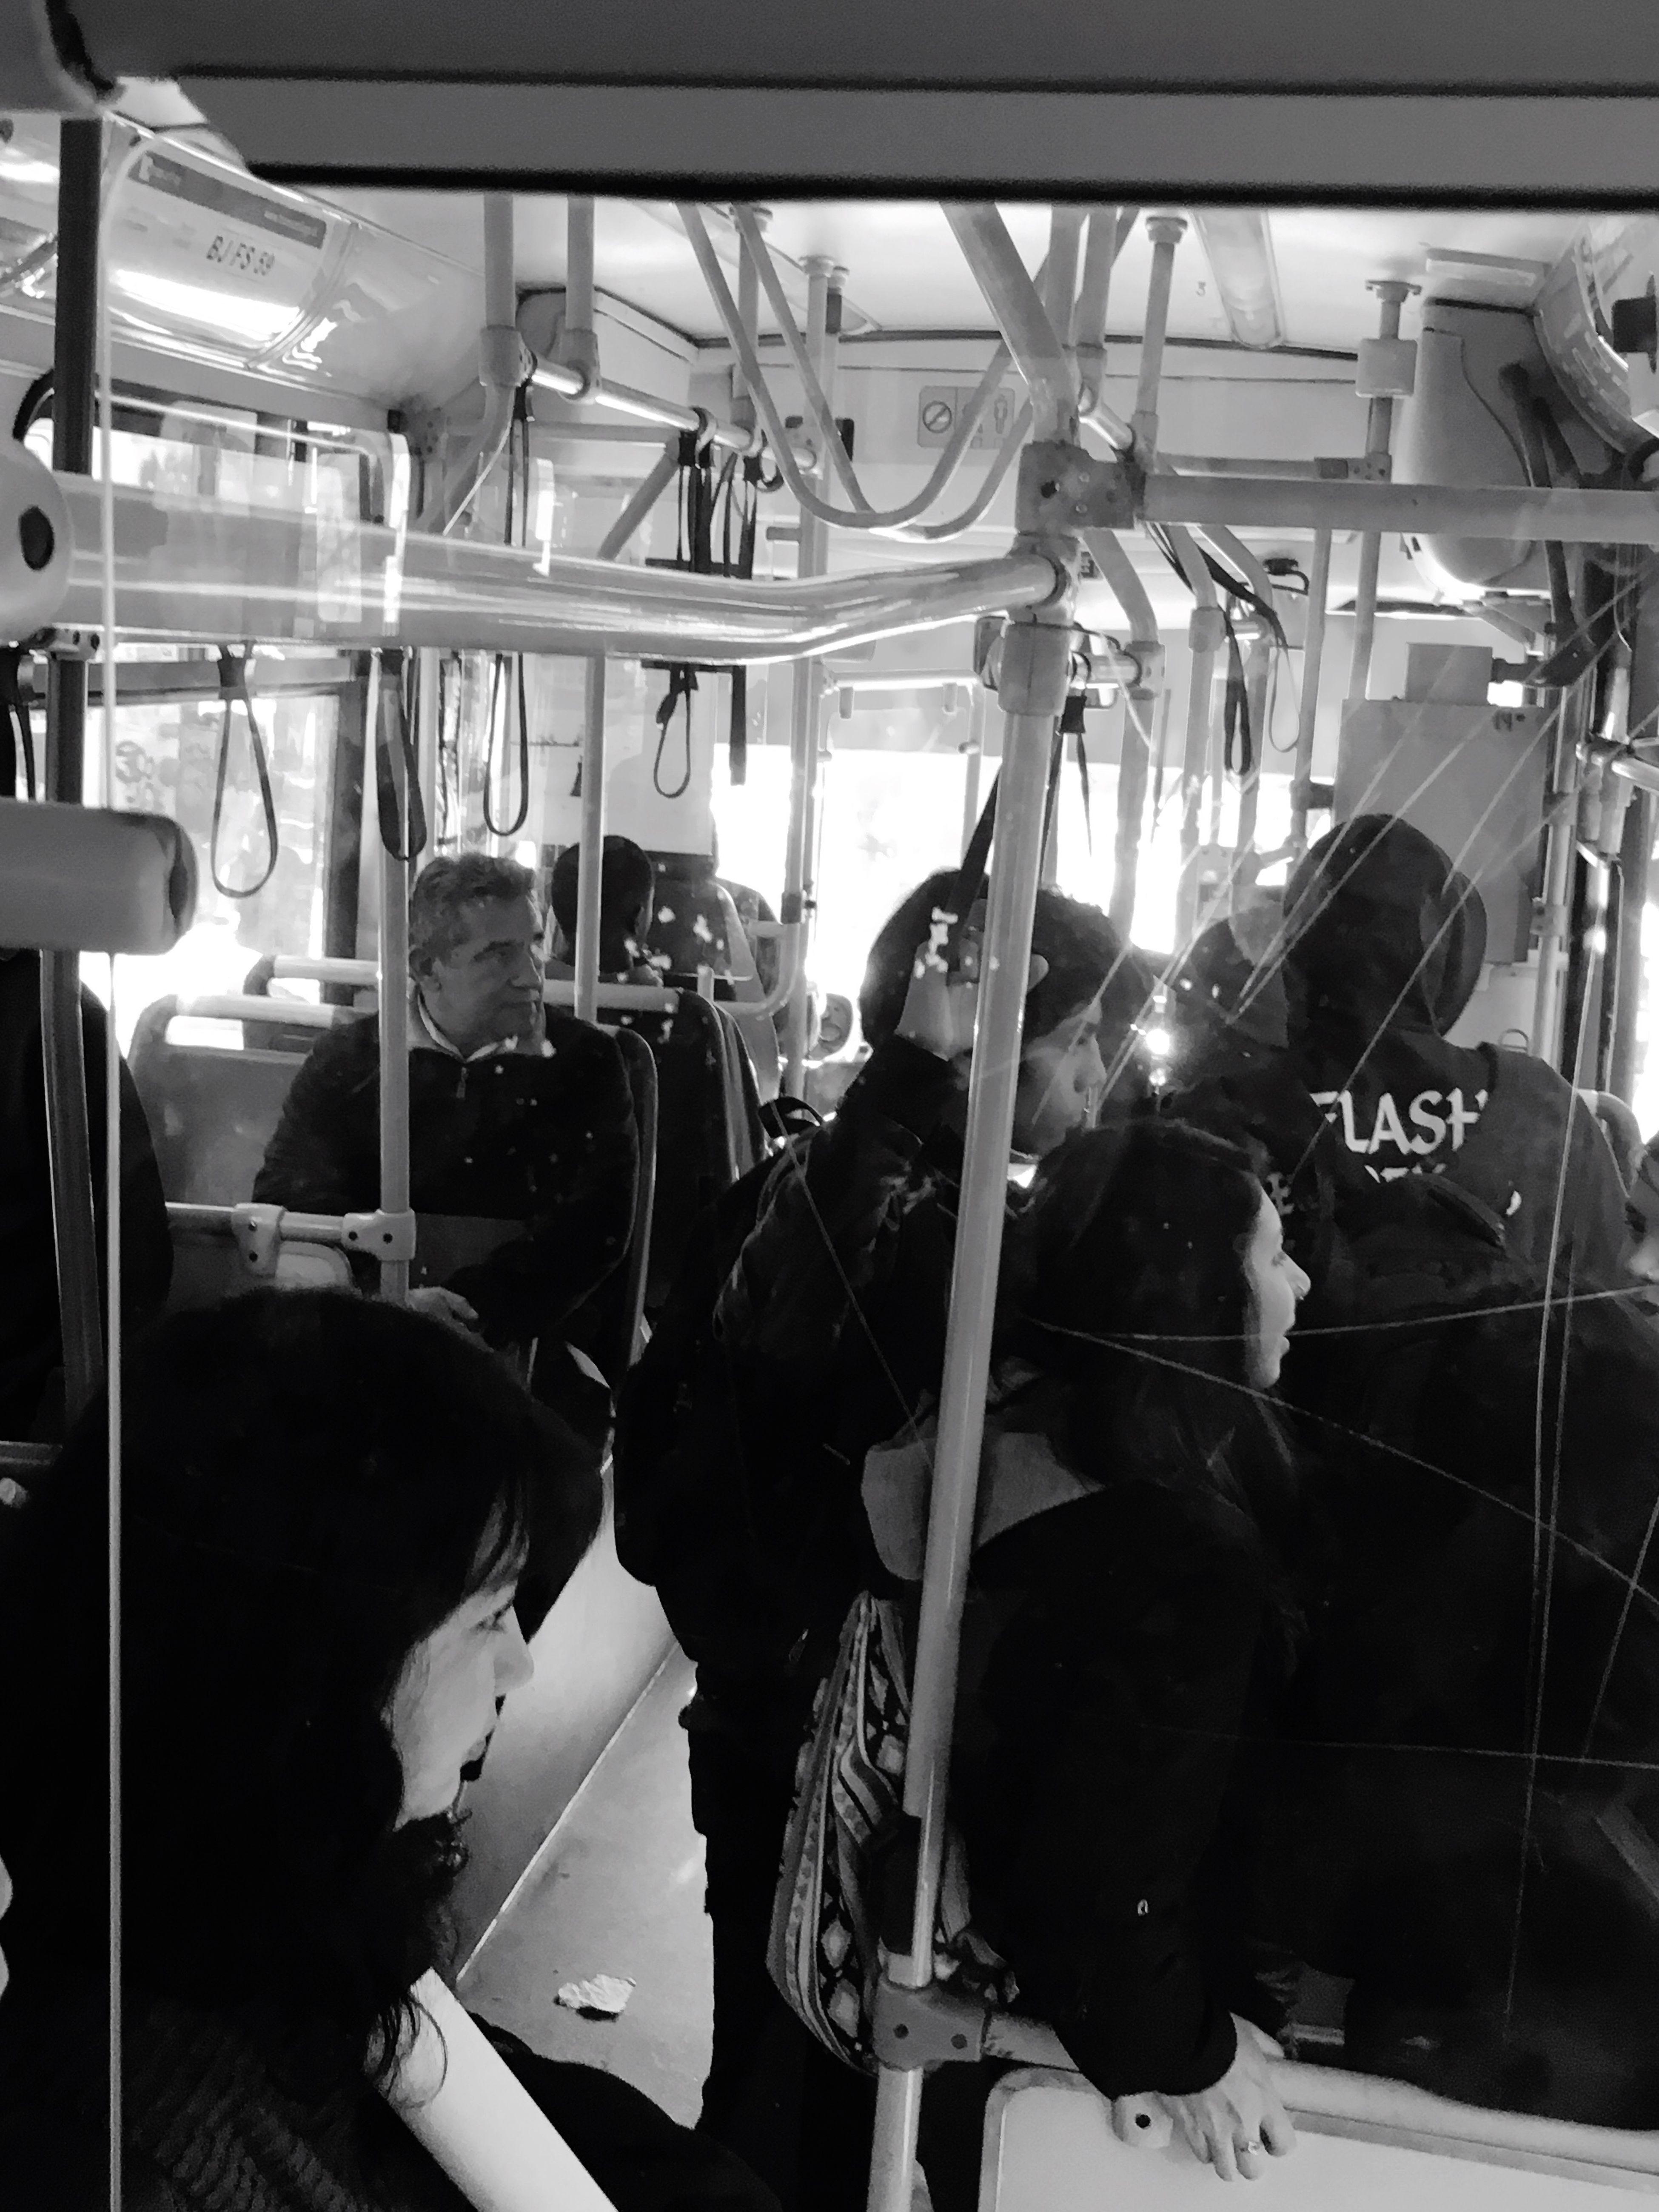 Gente en tránsito en un bus de Santiago..un día cualquiera. Taking Photos Hello World People Capture The Moment Taking Photos Feel The Journey En El Bus Gente Al Trabajo Cualquier Dia Apretados On The Way Ontheway